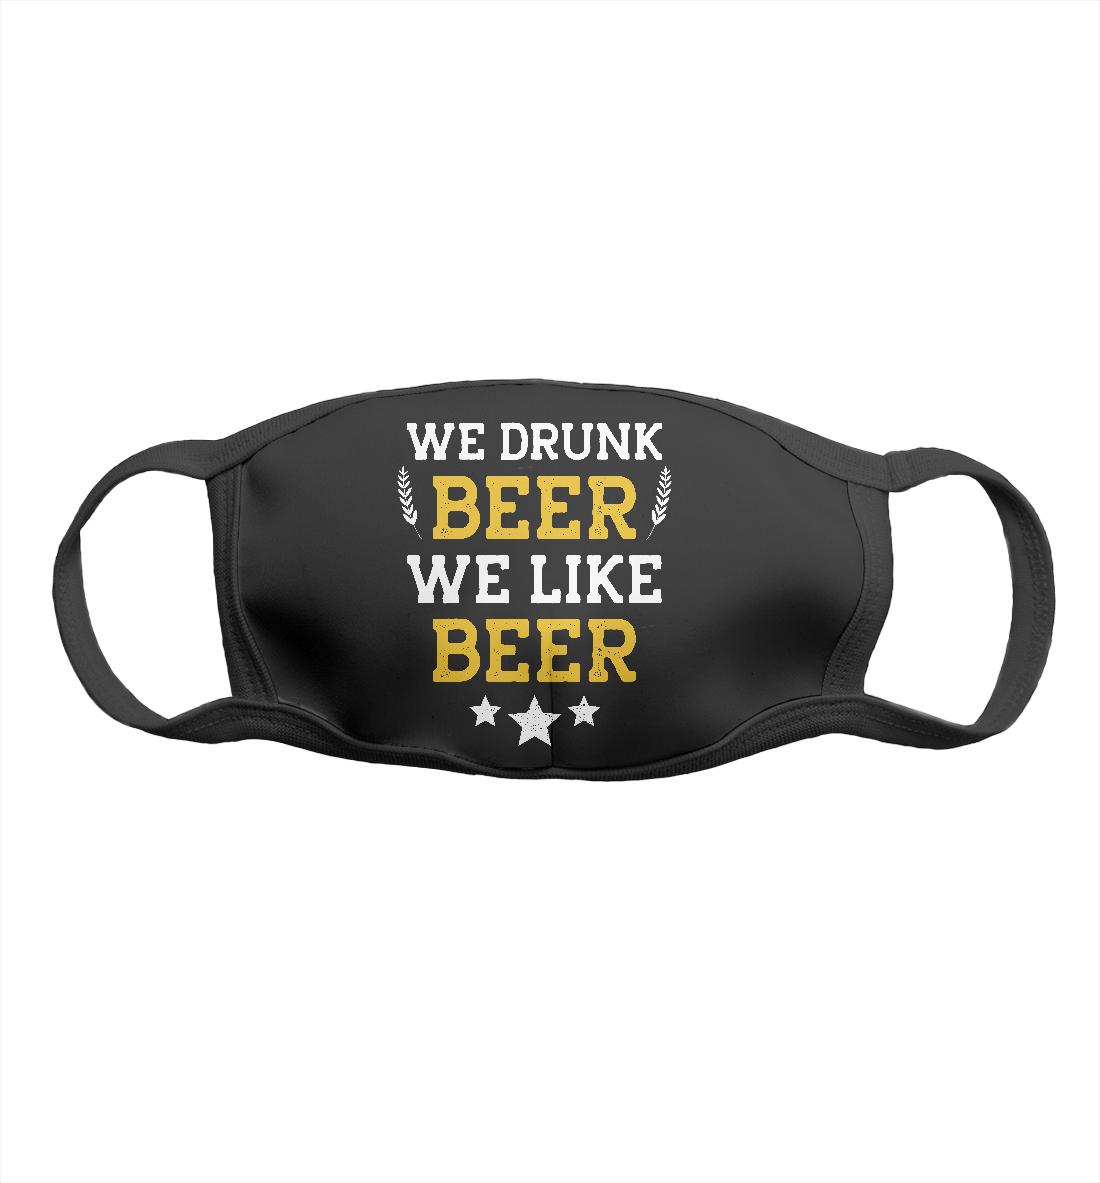 We drunk beer we like